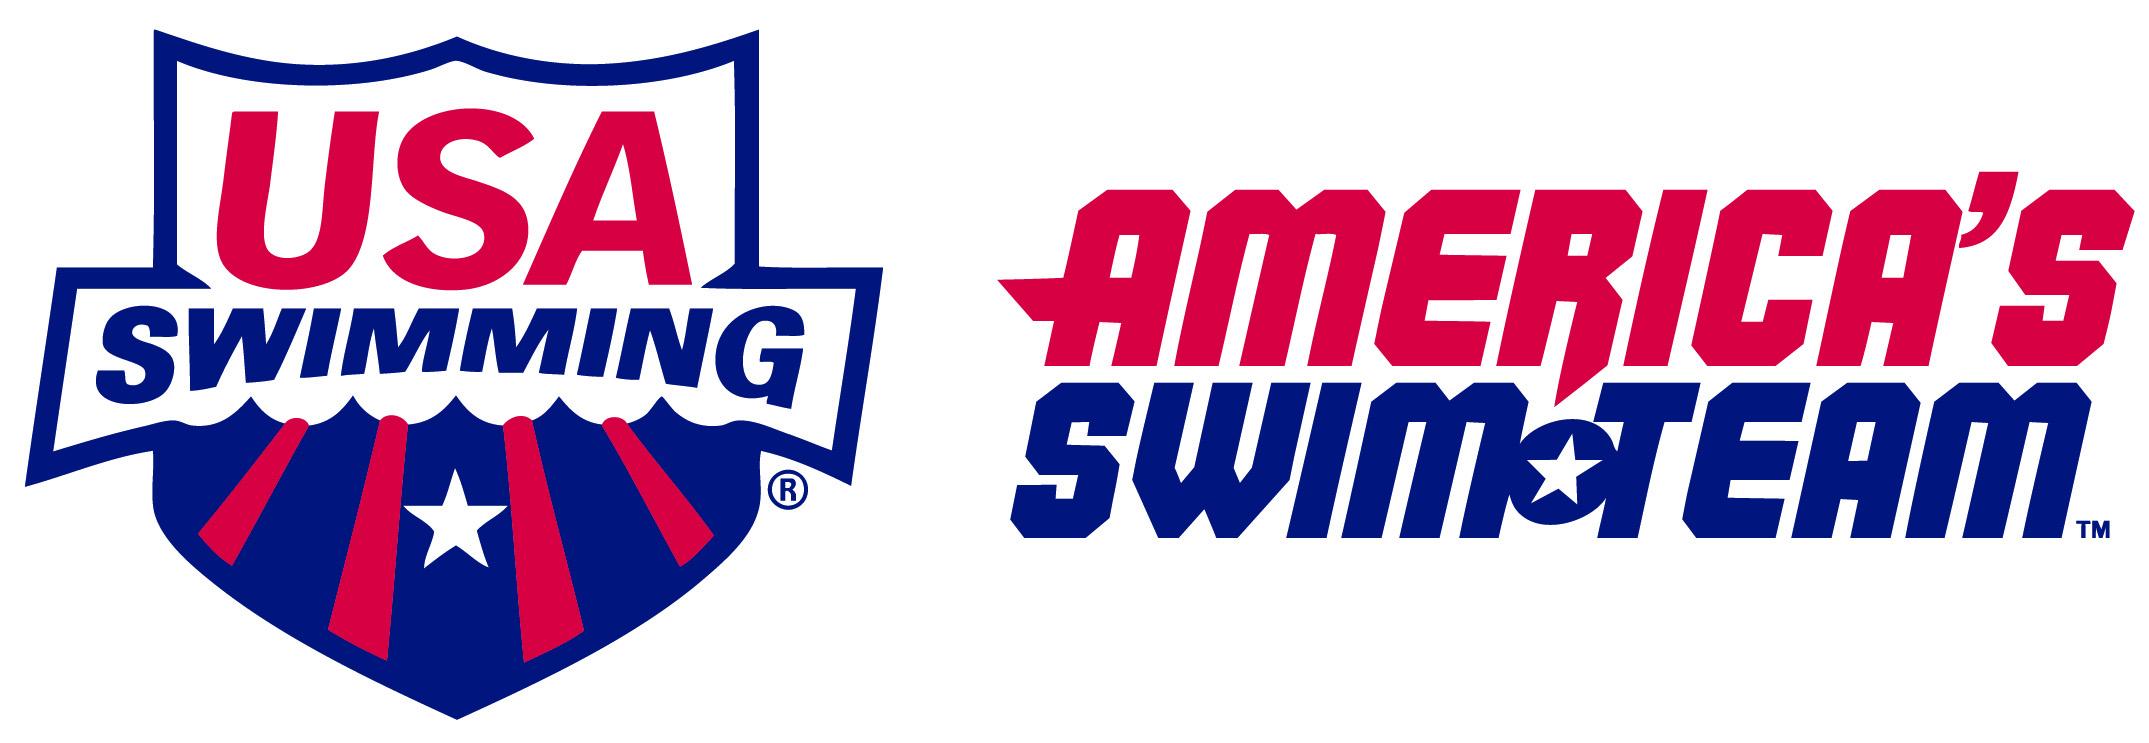 Nazionale USA SWIMMING